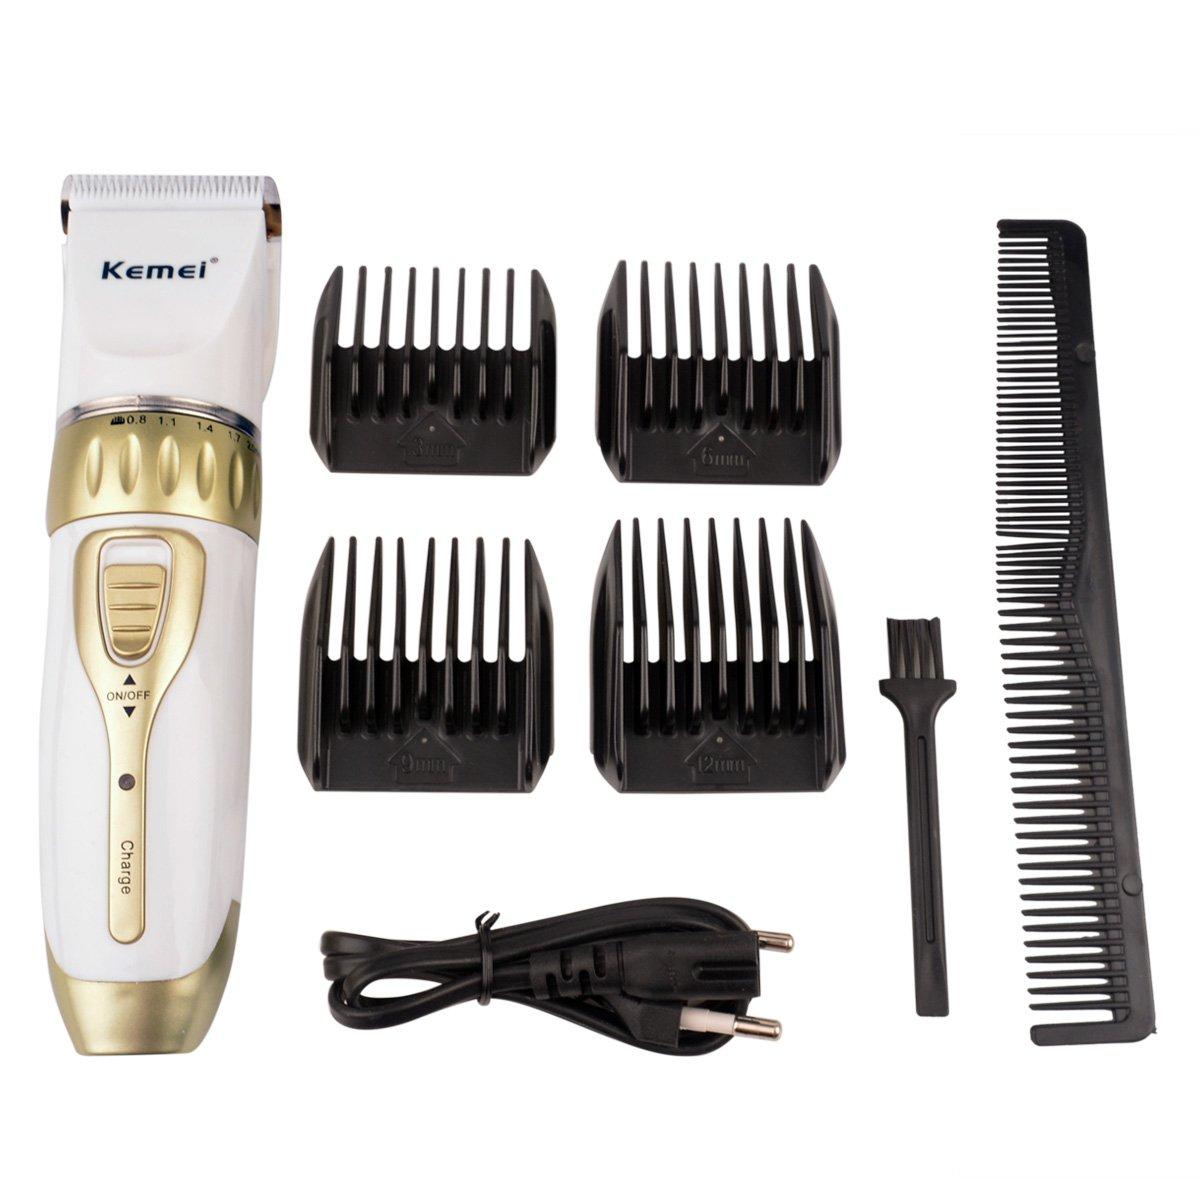 CkeyiN Hommes Rechargeables Kit Tondeuse à cheveux barbe électrique réglable Réglage fin bouton (0.8-2.0mm), 4 peignes limités (3mm / 6mm / 9mm / 12mm)